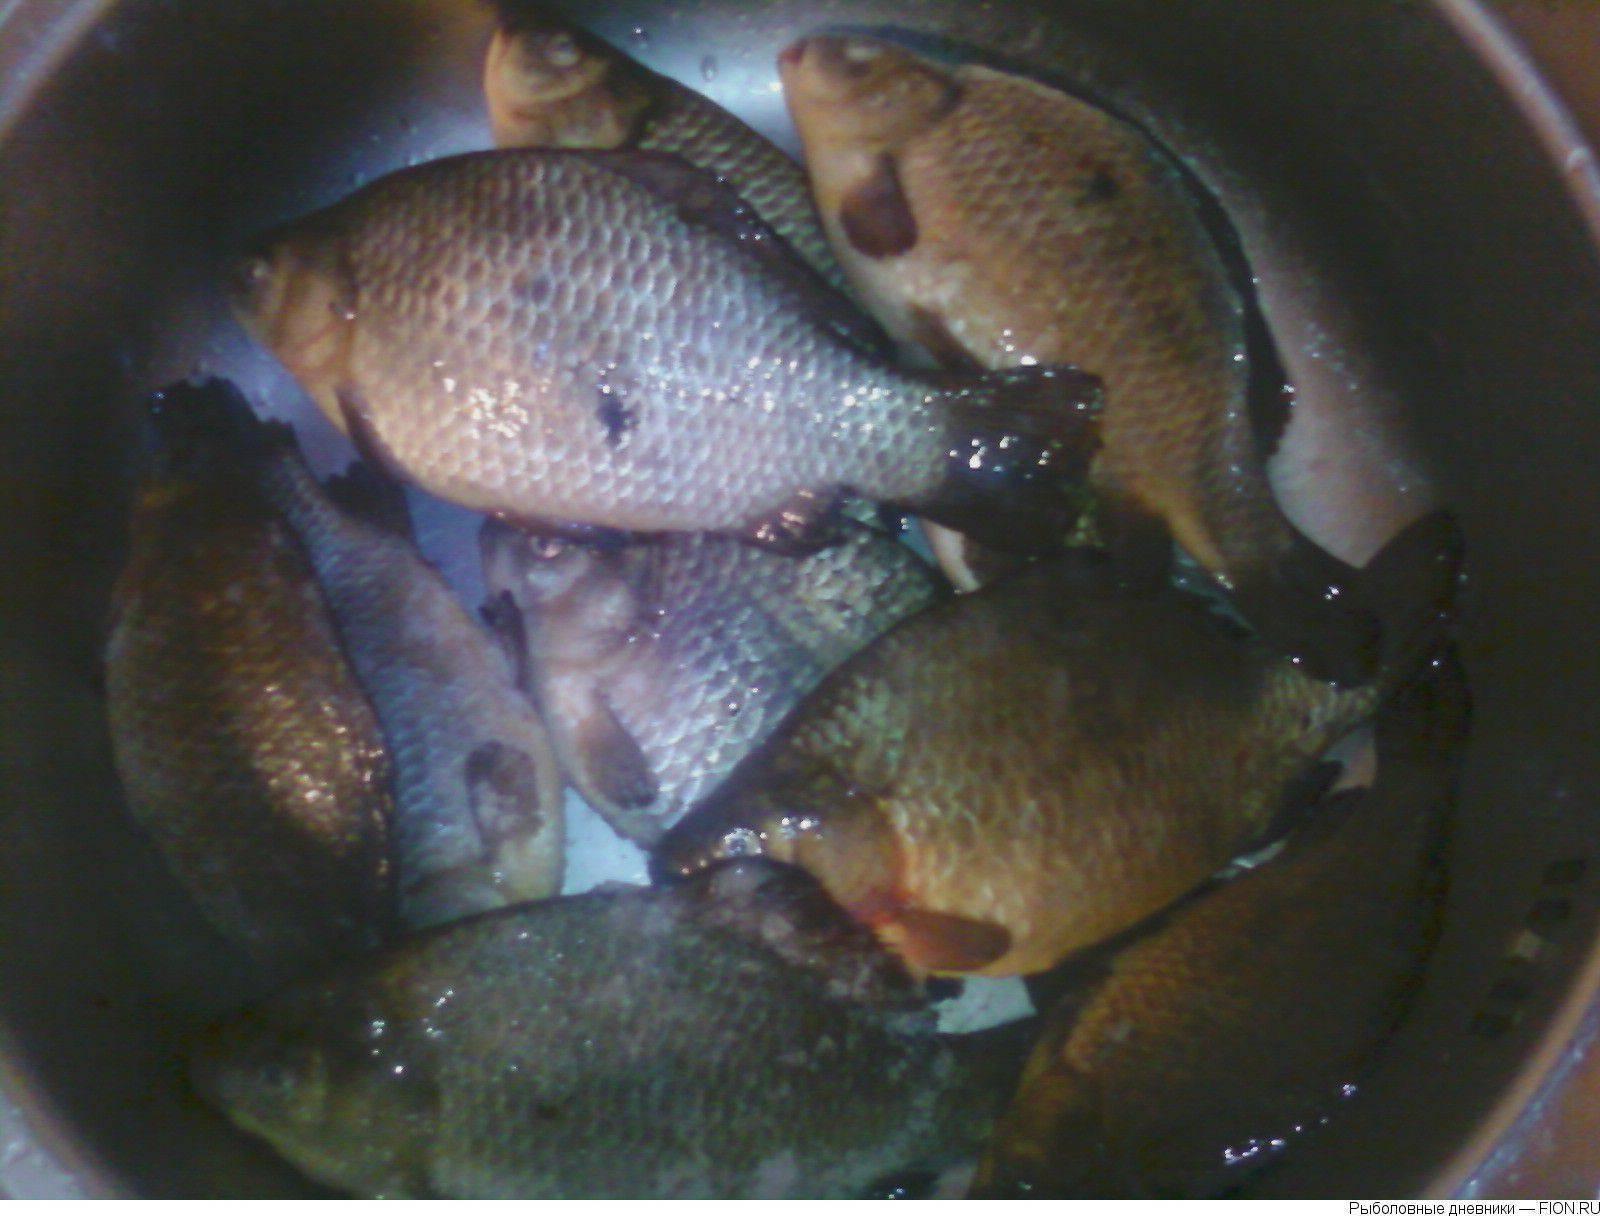 Рыбалка в свердловской области | (66) карта рыболовных мест